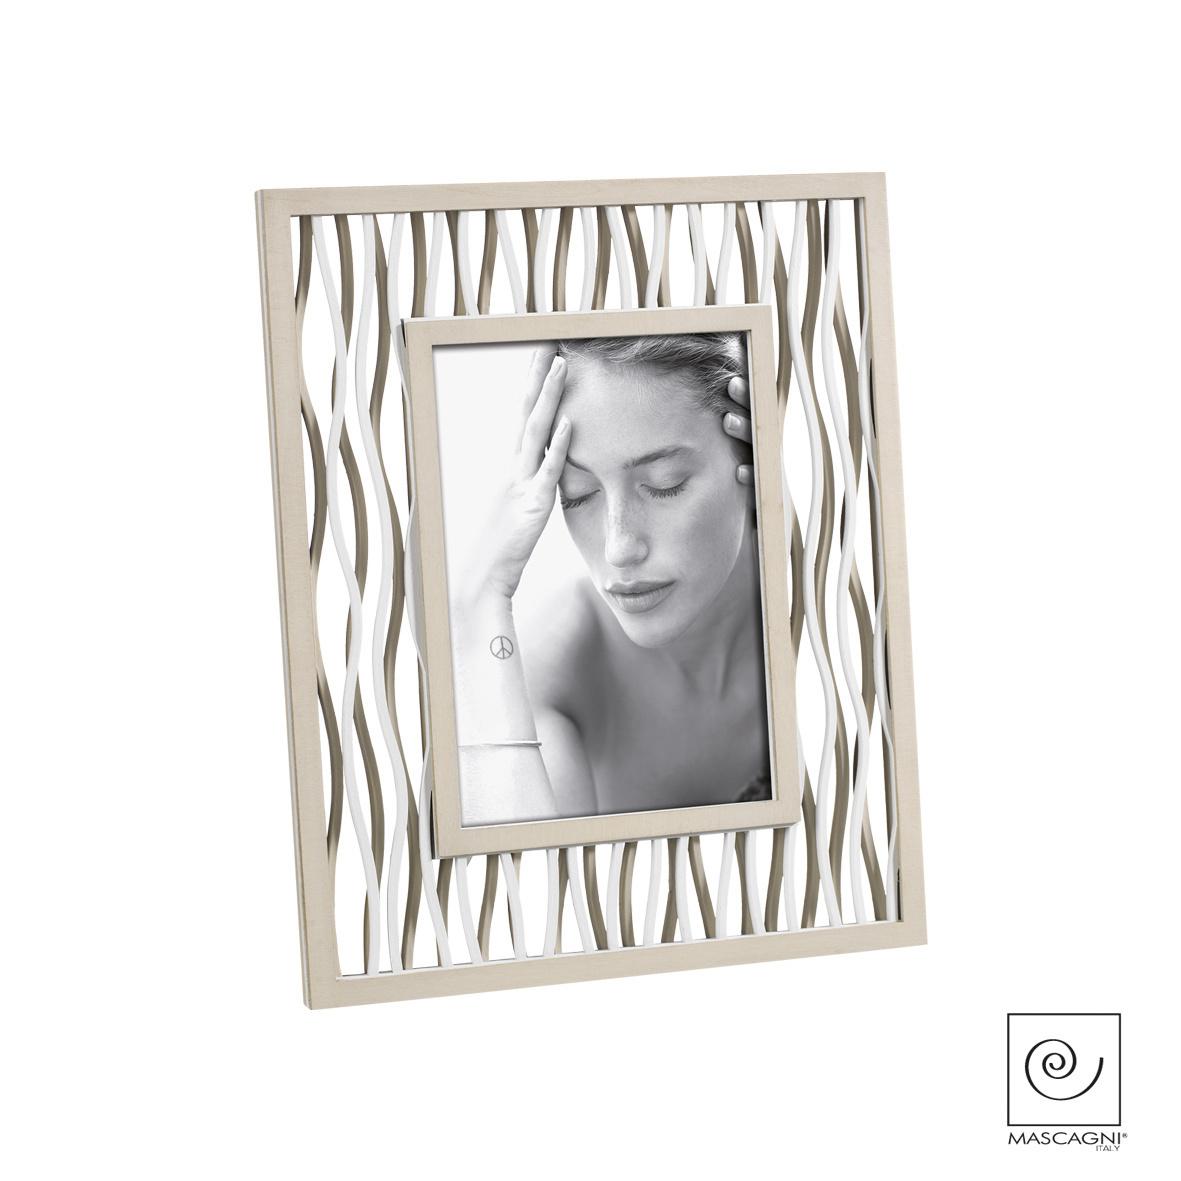 Art Mascagni A893 PHOTO FRAME 13X18 - COL.WHITE